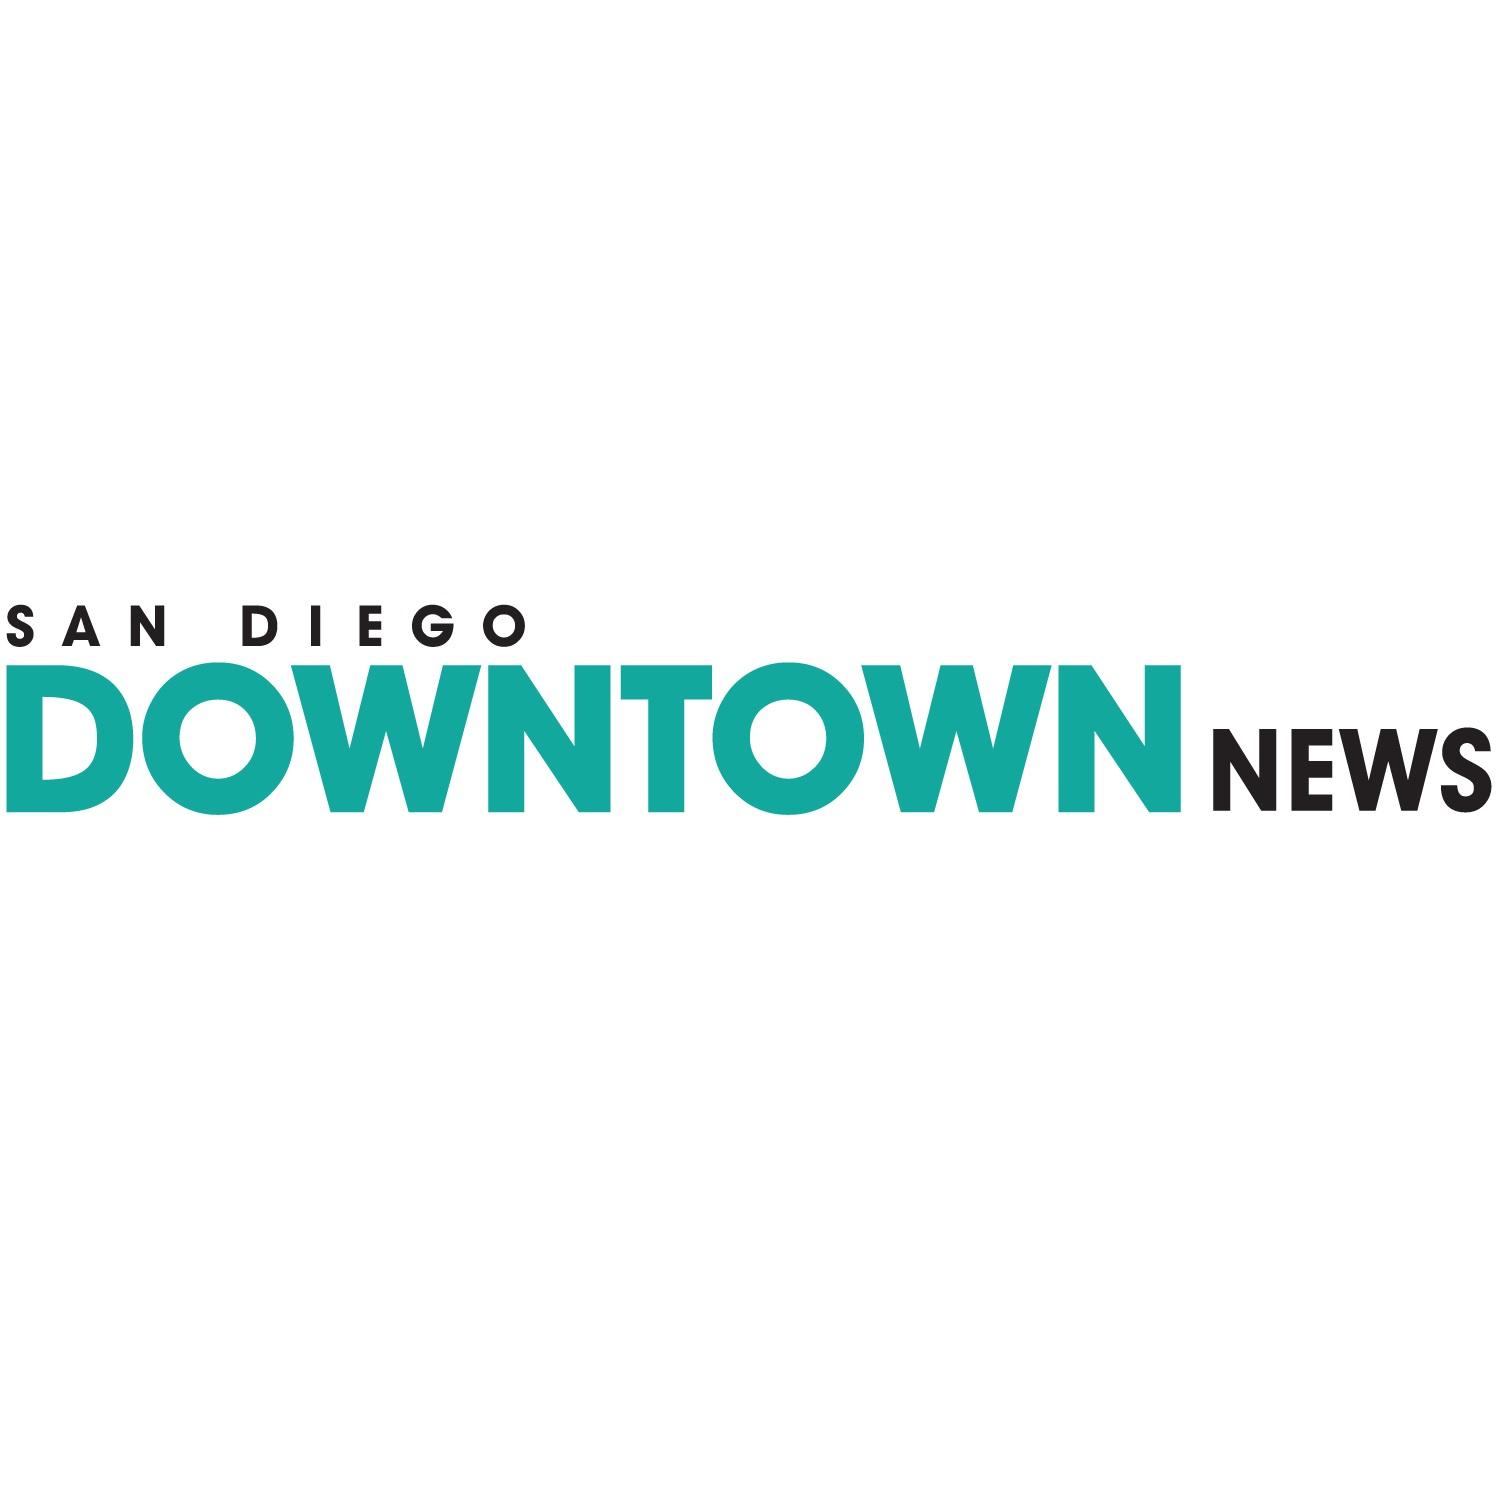 San Diego Downtown News